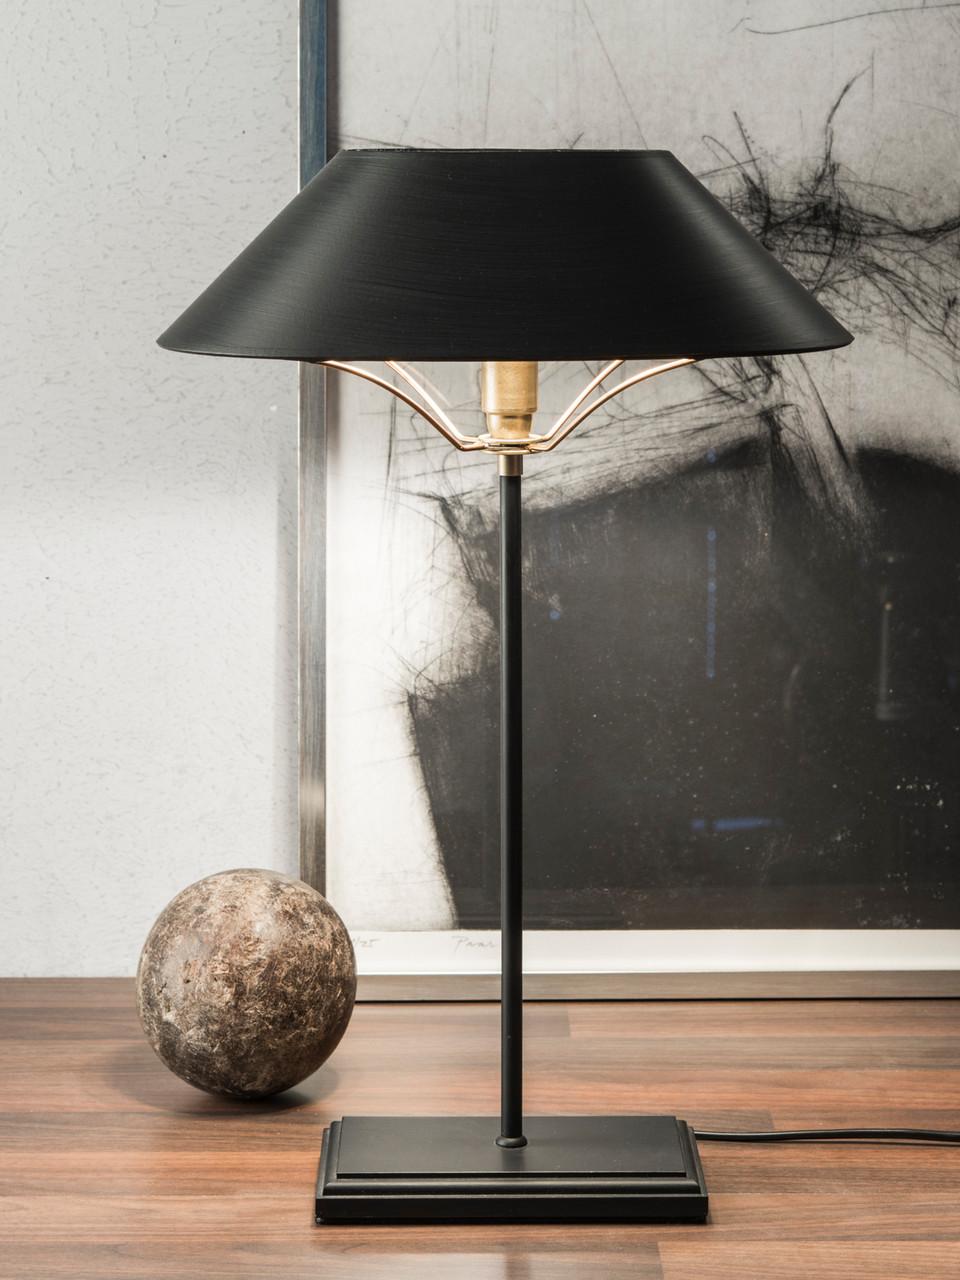 Tischleuchte Hamburg, Fuß Holz, schwarz lackiert, Schirm schwarz, innen gold